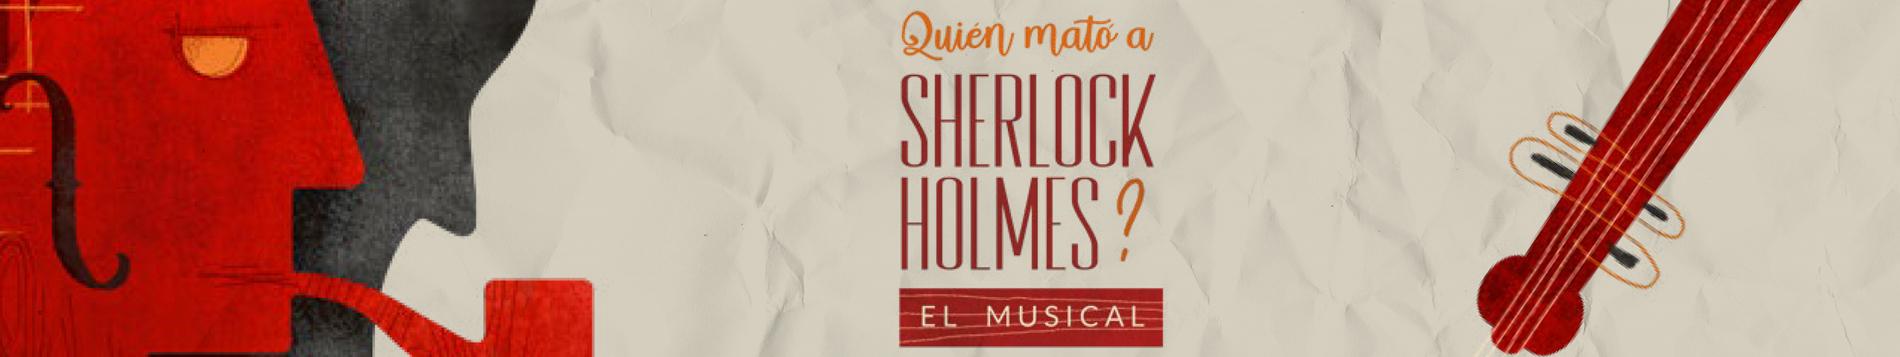 ¿Quién mató a Sherlock Holmes? - El musical